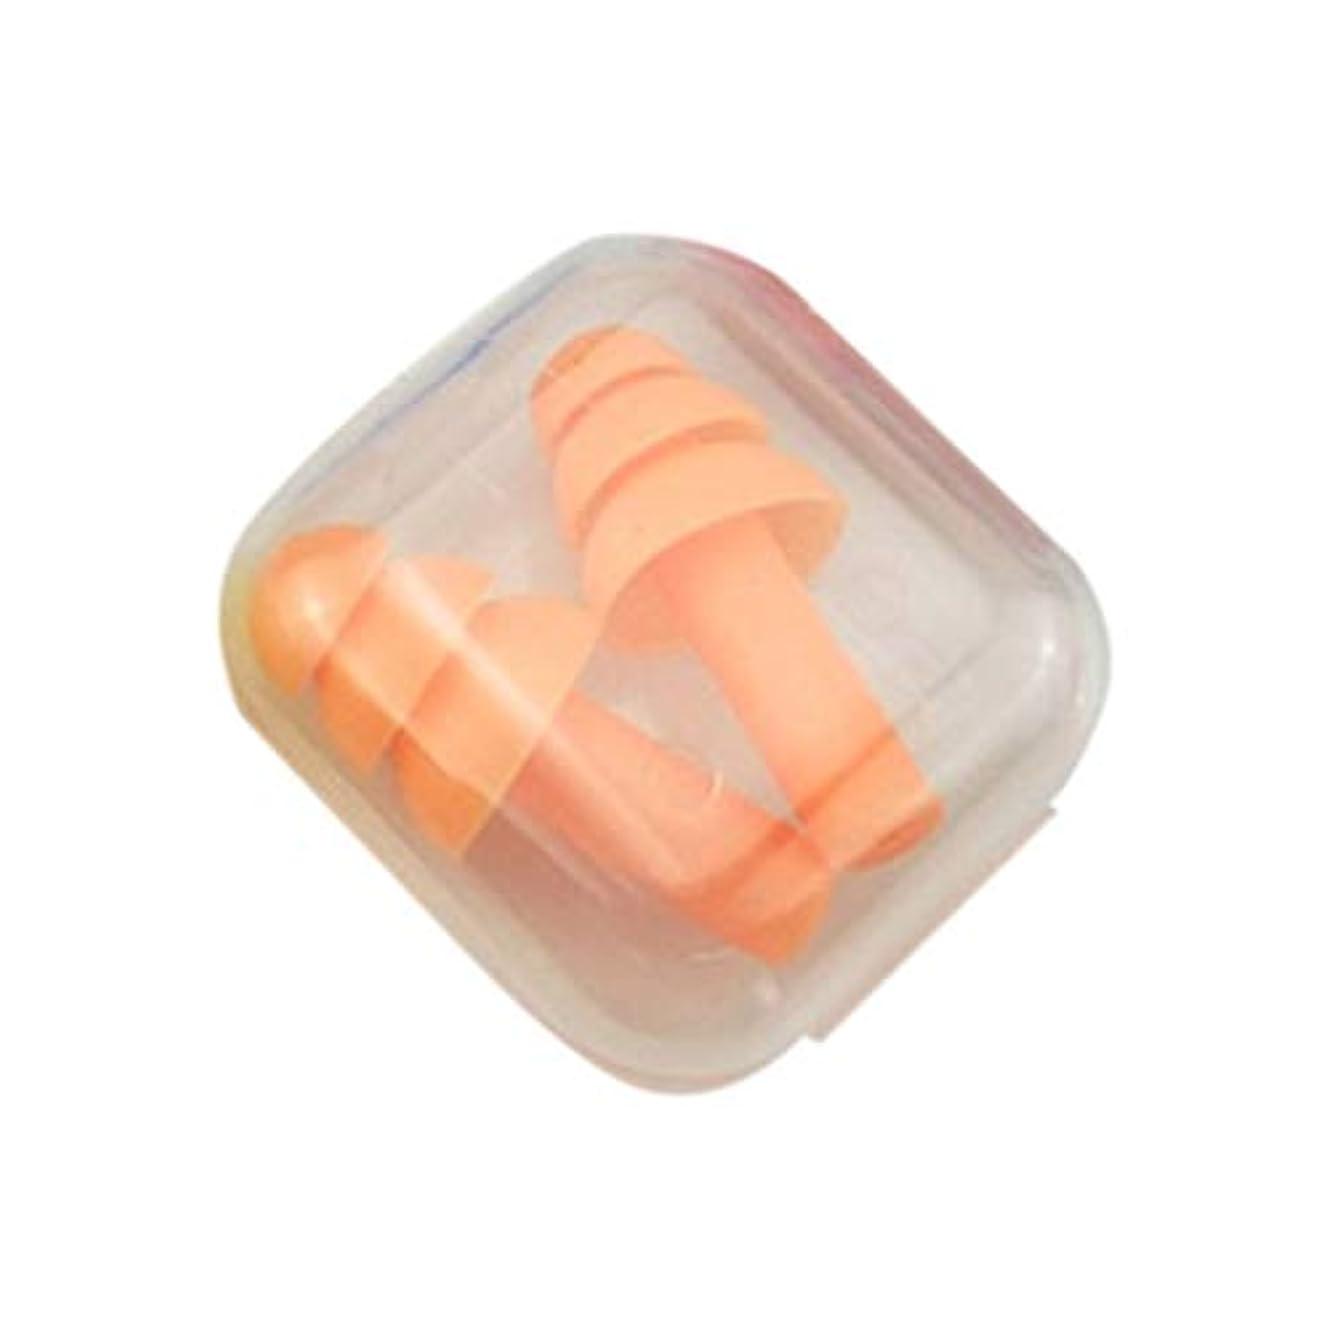 どきどき障害極地柔らかいシリコーンの耳栓遮音用耳の保護用の耳栓防音睡眠ボックス付き収納ボックス - オレンジ